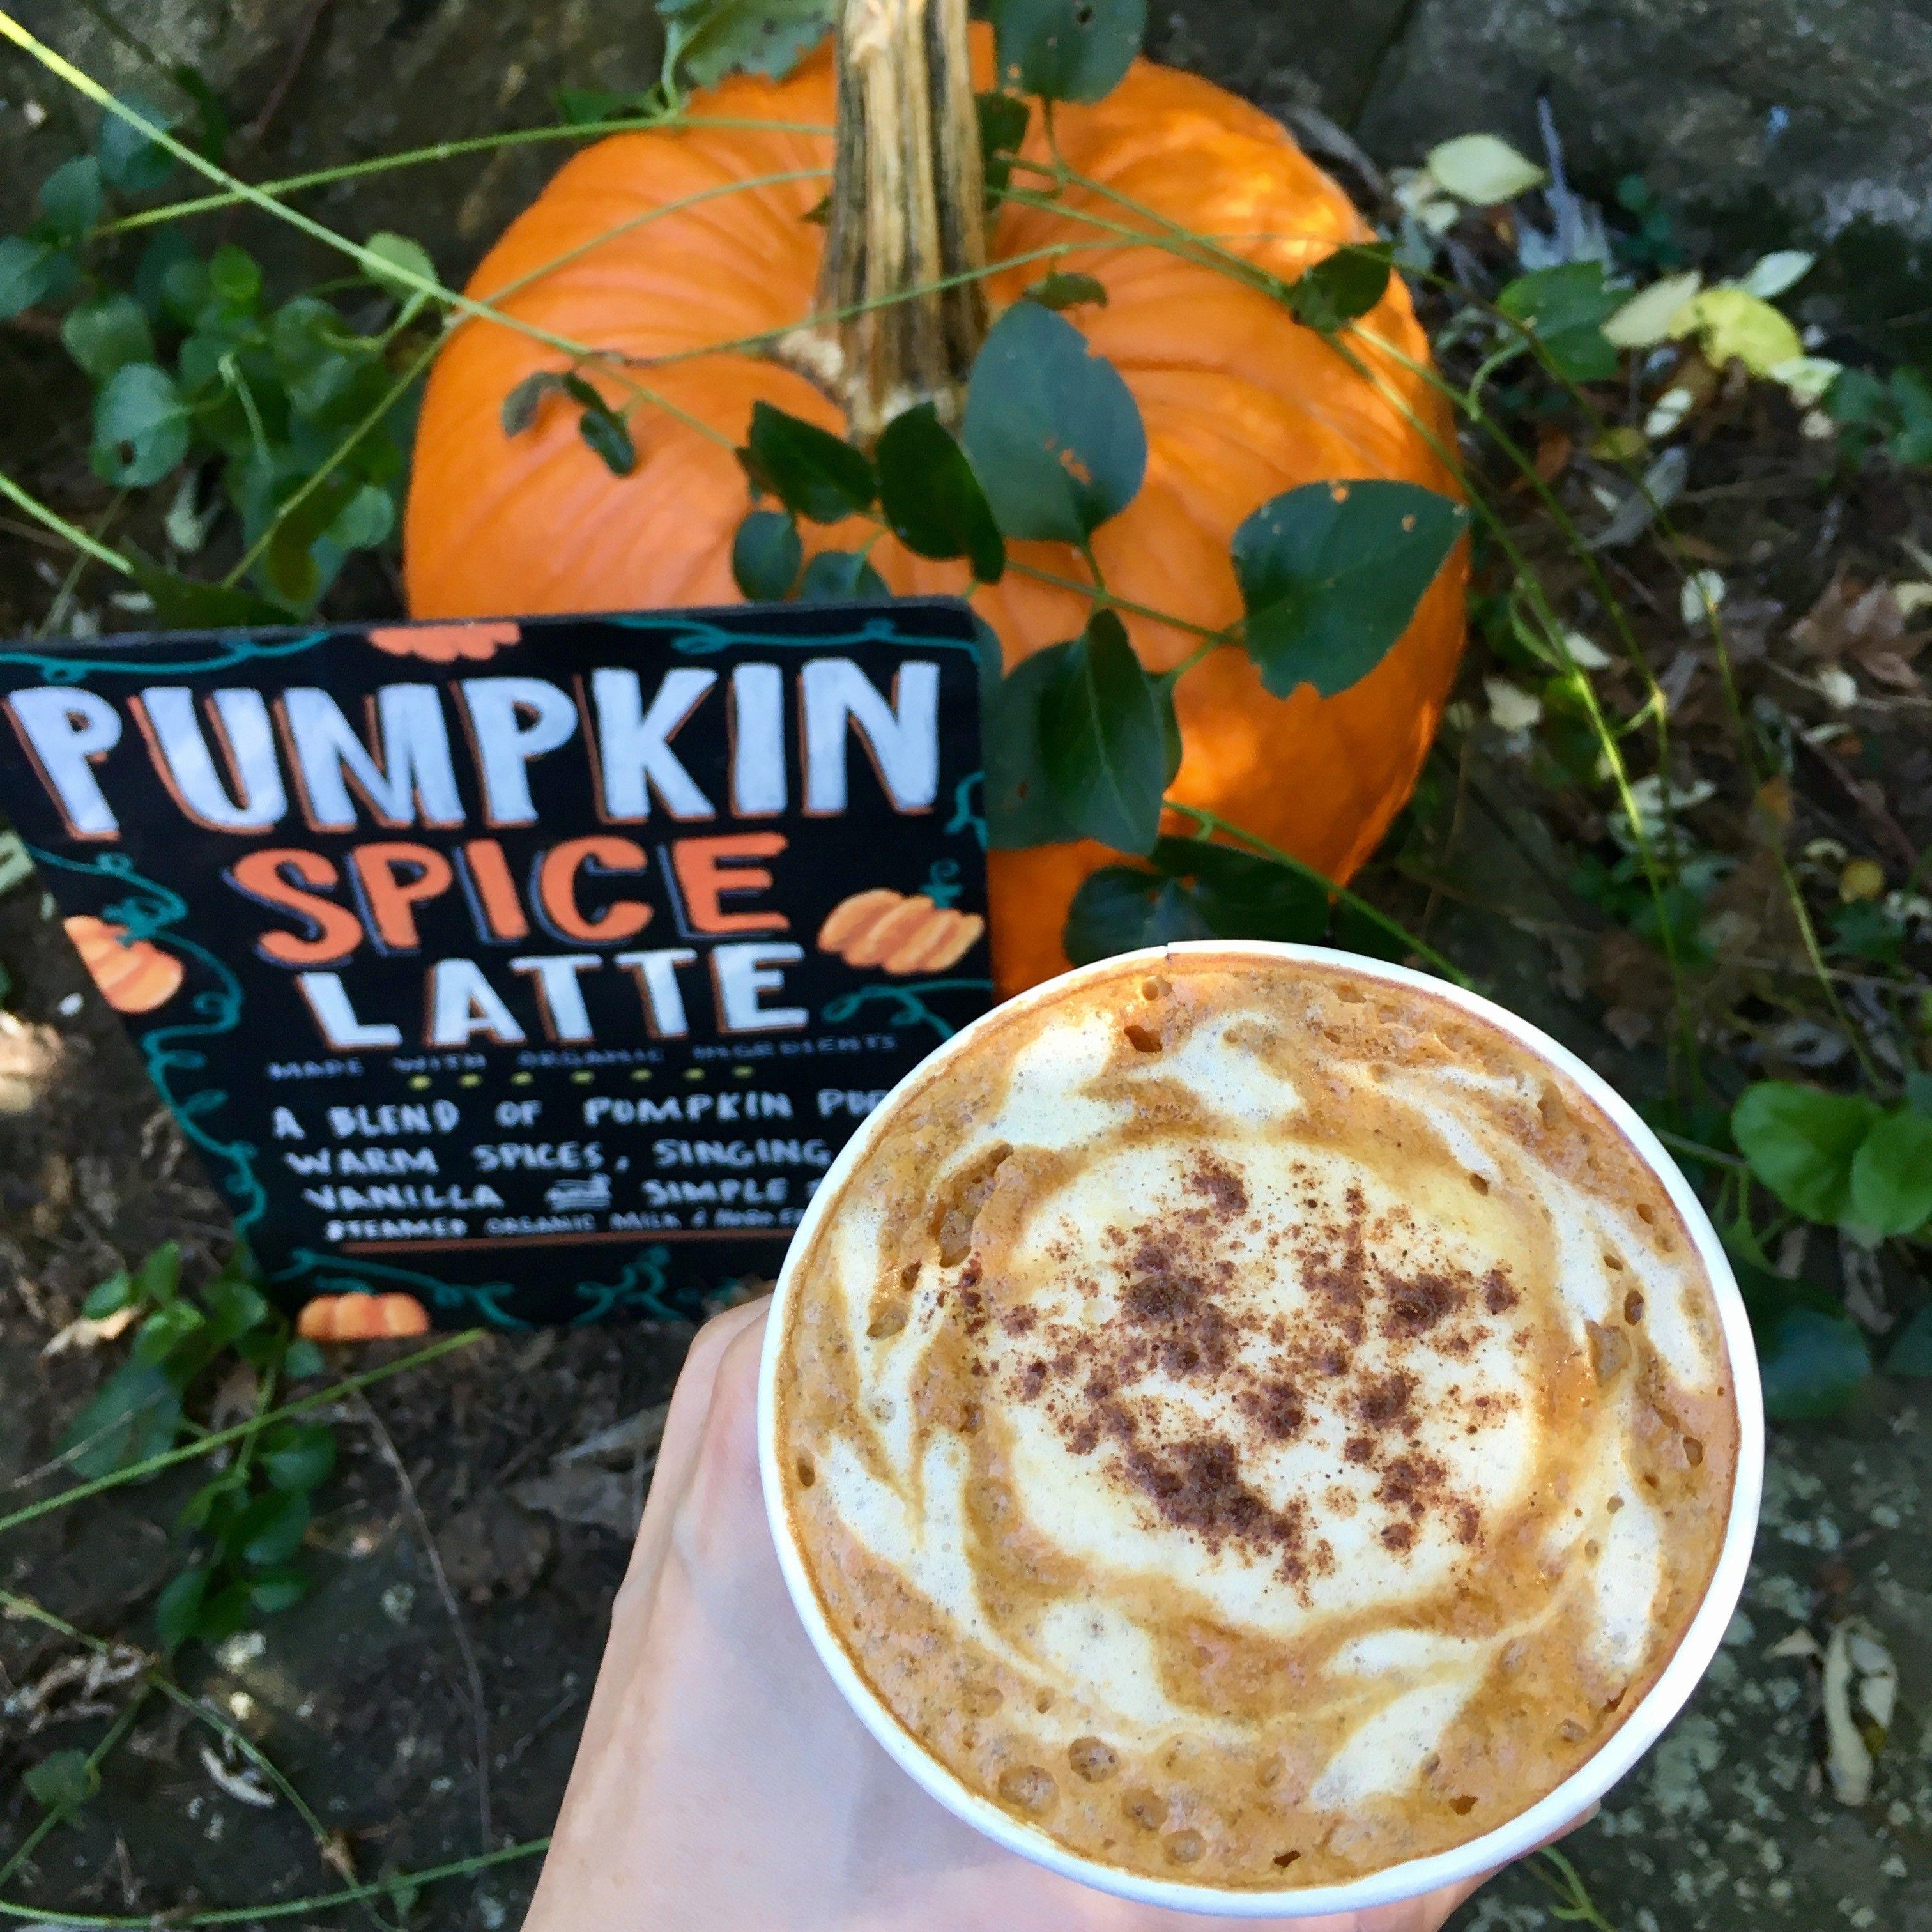 Café and Prepared Foods Pumpkin spice latte, Prepared